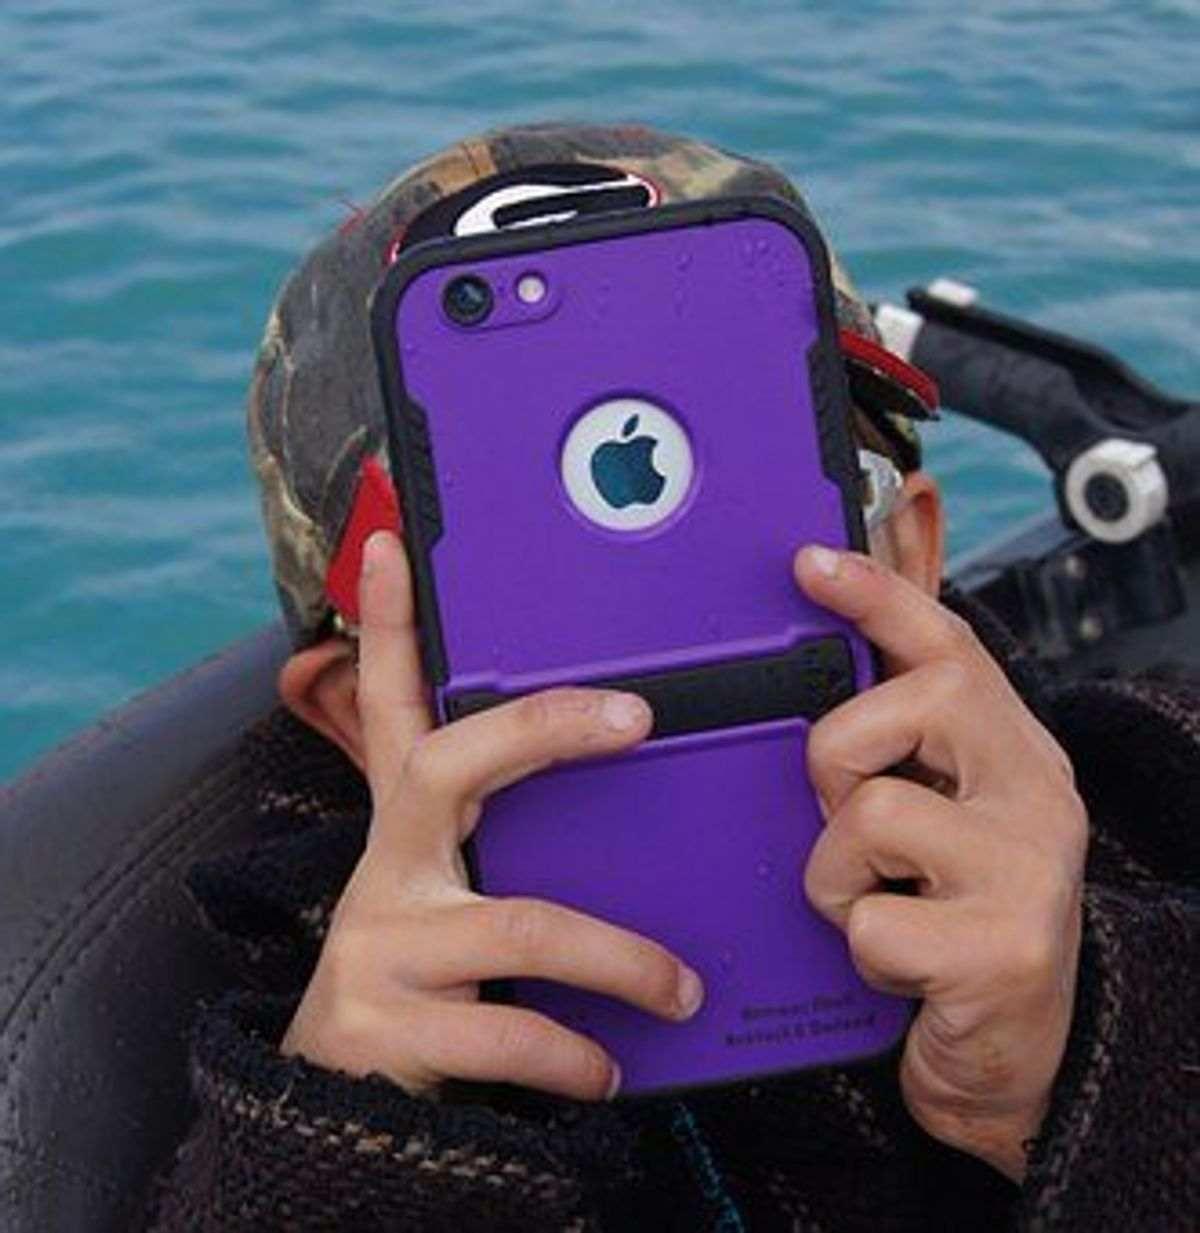 Lemmings Iphone App